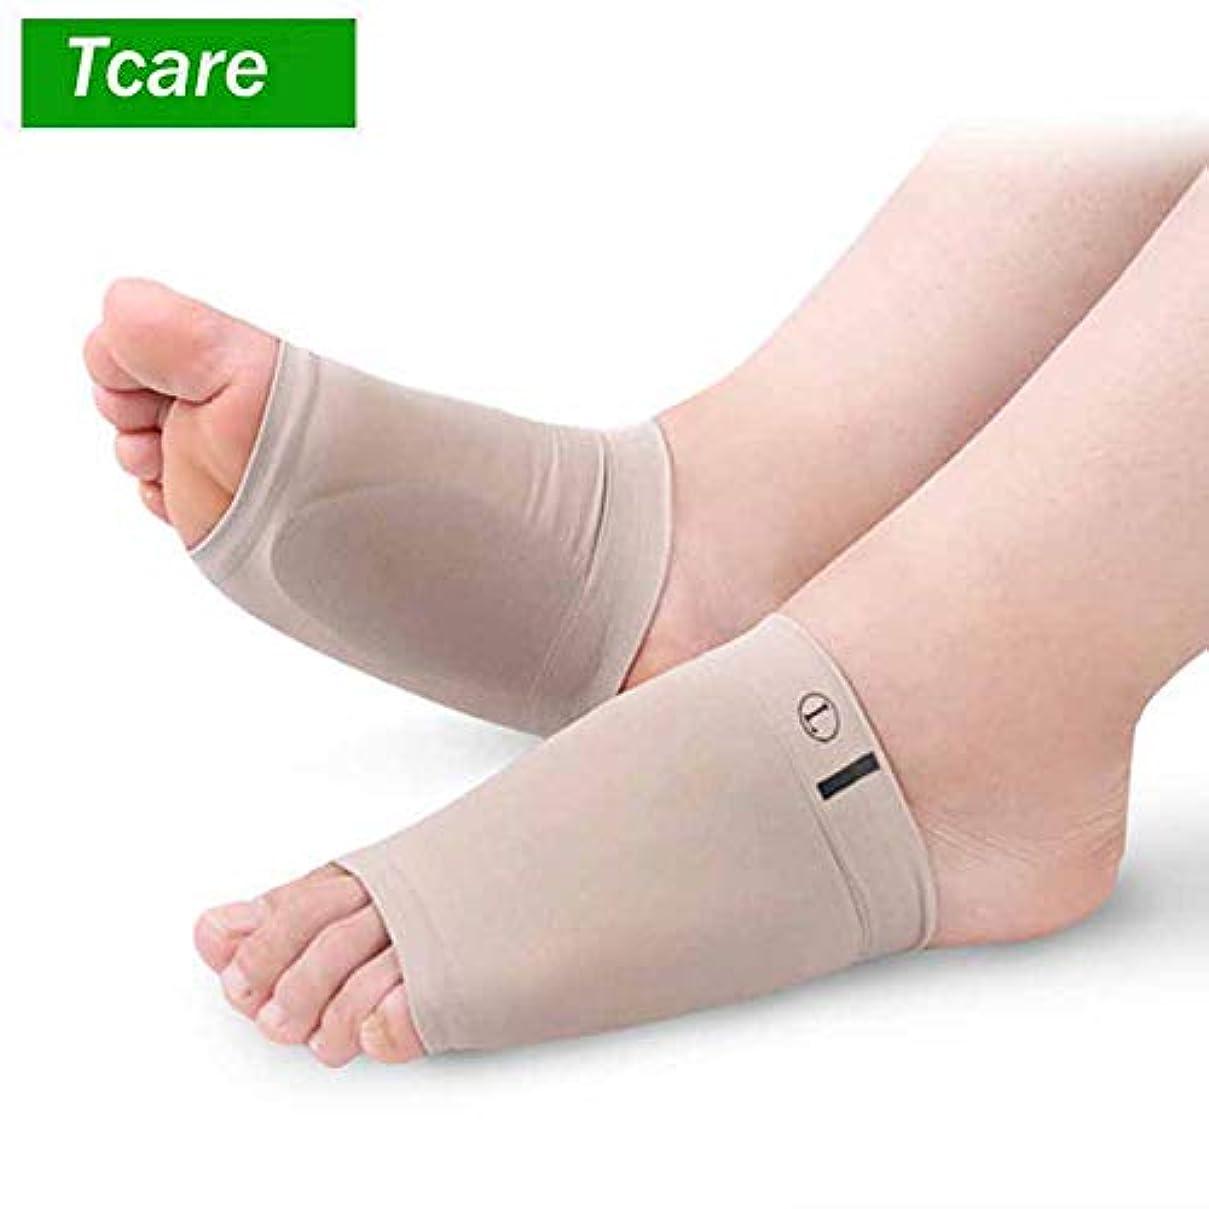 皮感嘆二週間ゲルクッション型足関節アーチ支持スリーブ対足底筋膜炎フラットフィート痛みヒールスパーズヒールニューロマスヒップフィートと背中の問題からの救済